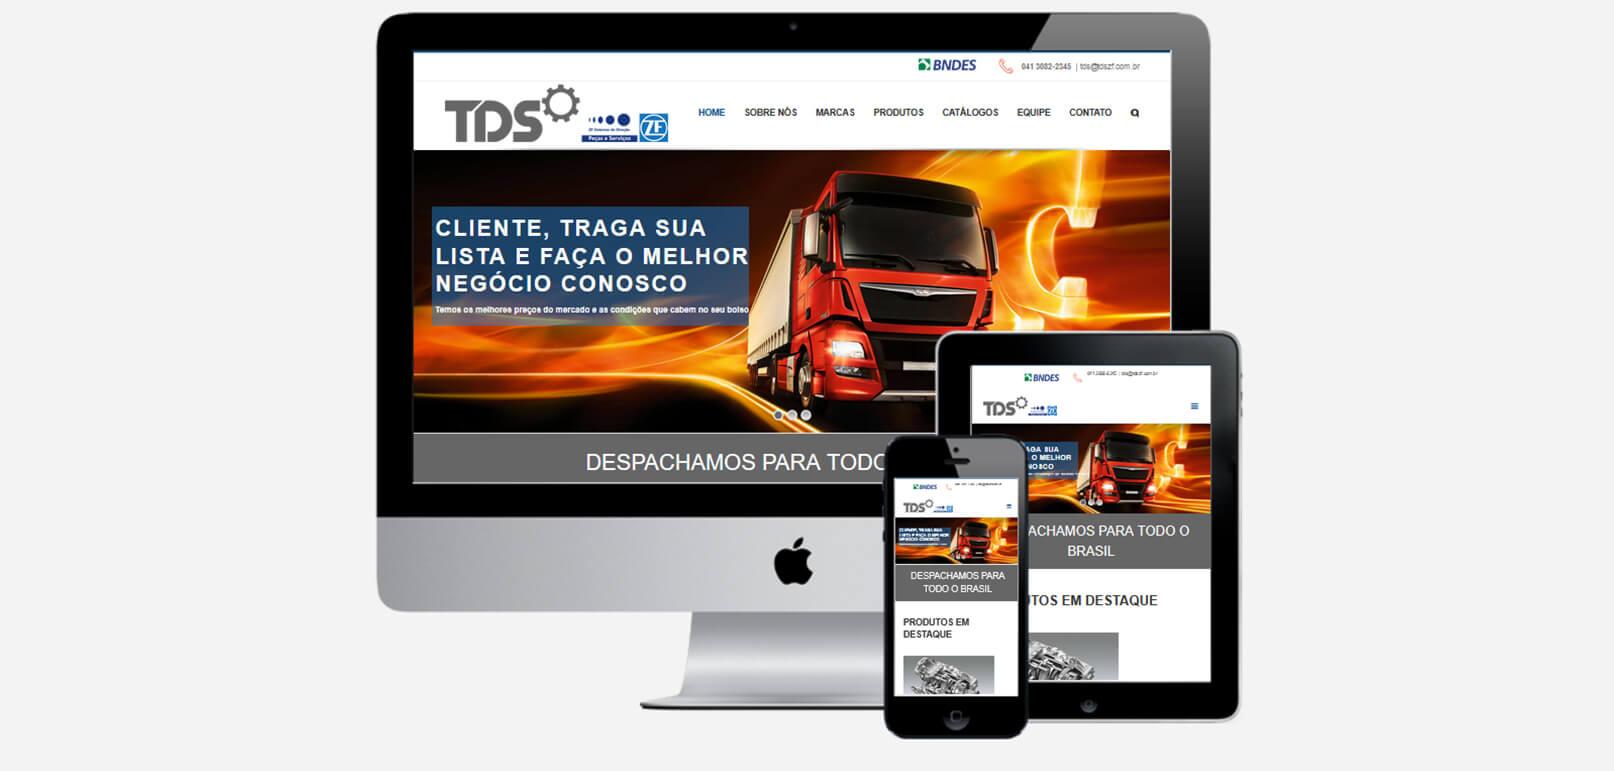 TDSZF - Peças para Trator